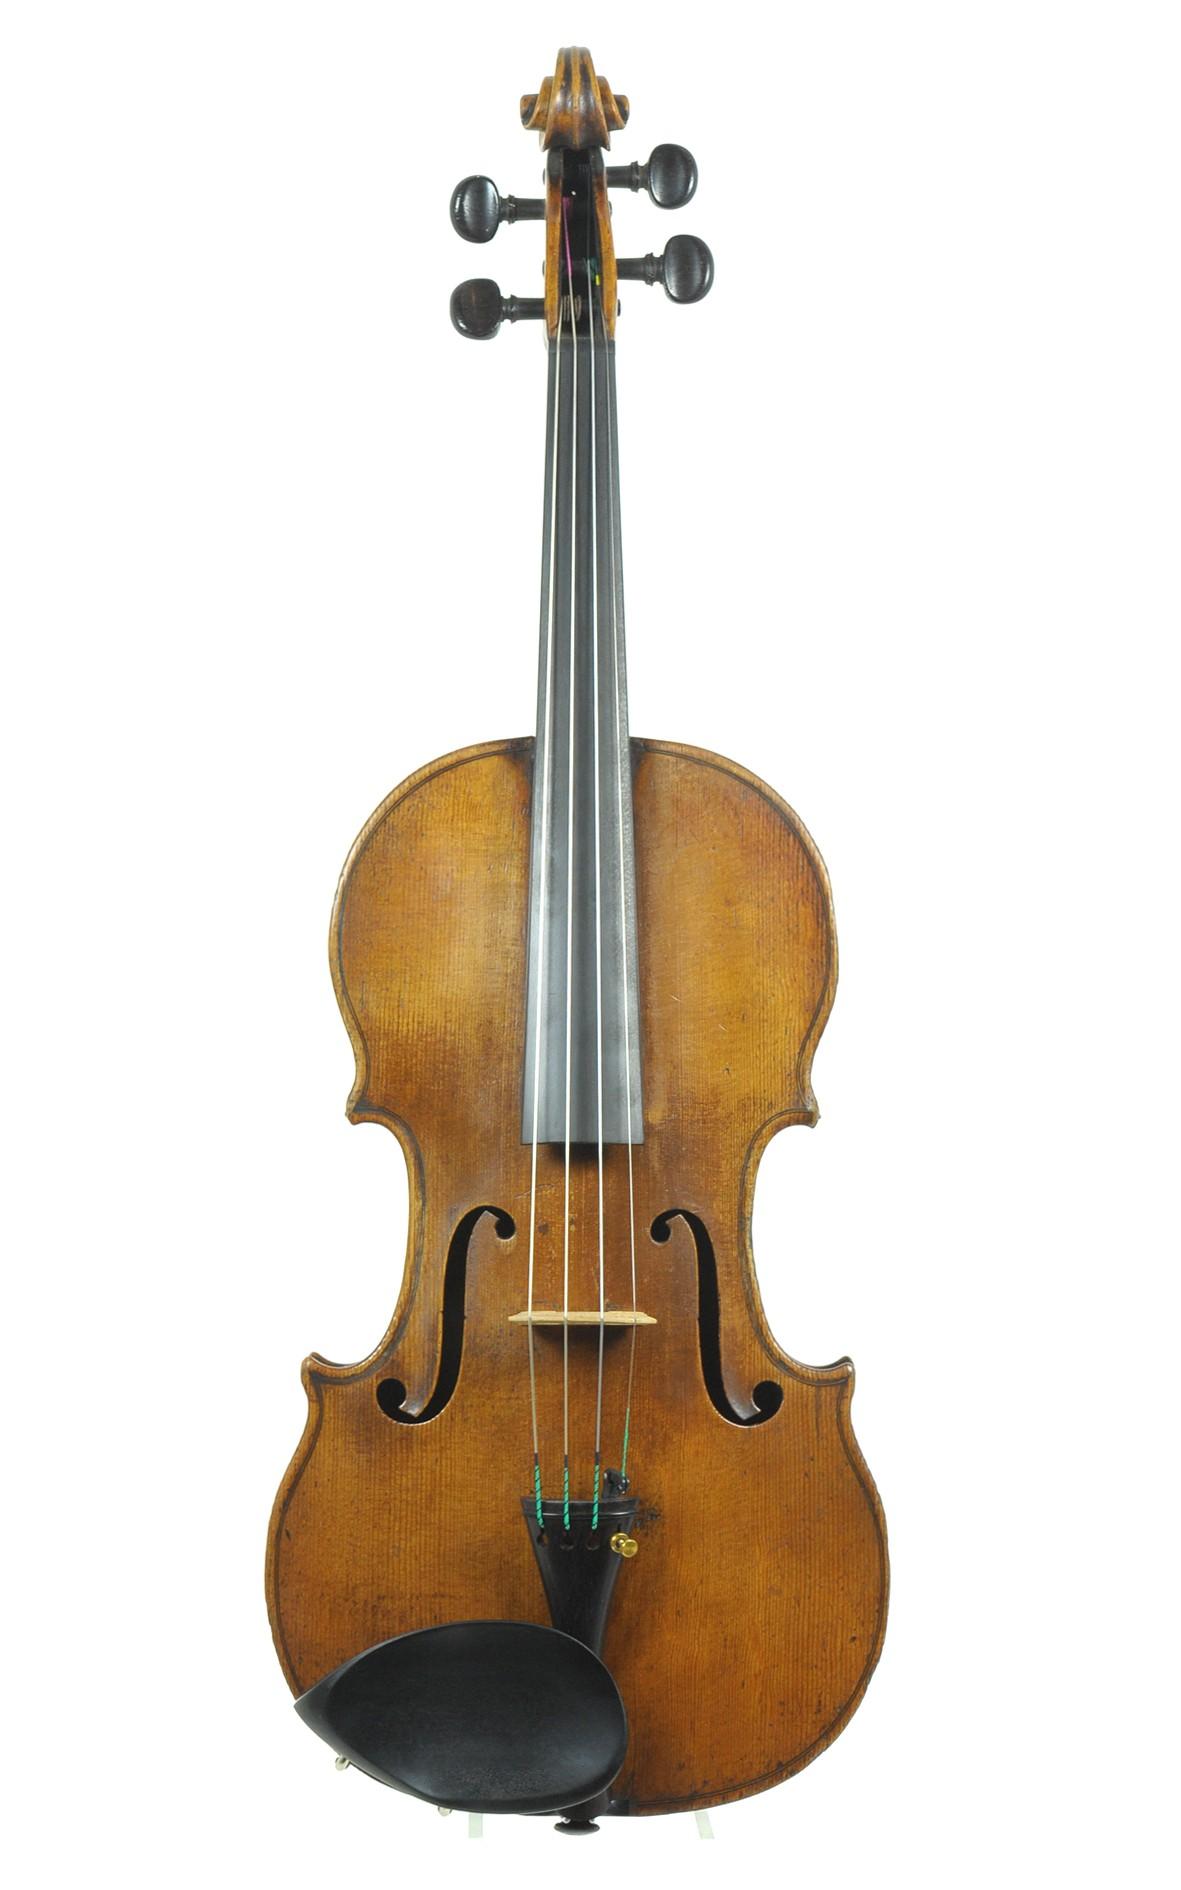 Didier Nicolas (L'Ainé), violin - spruce top